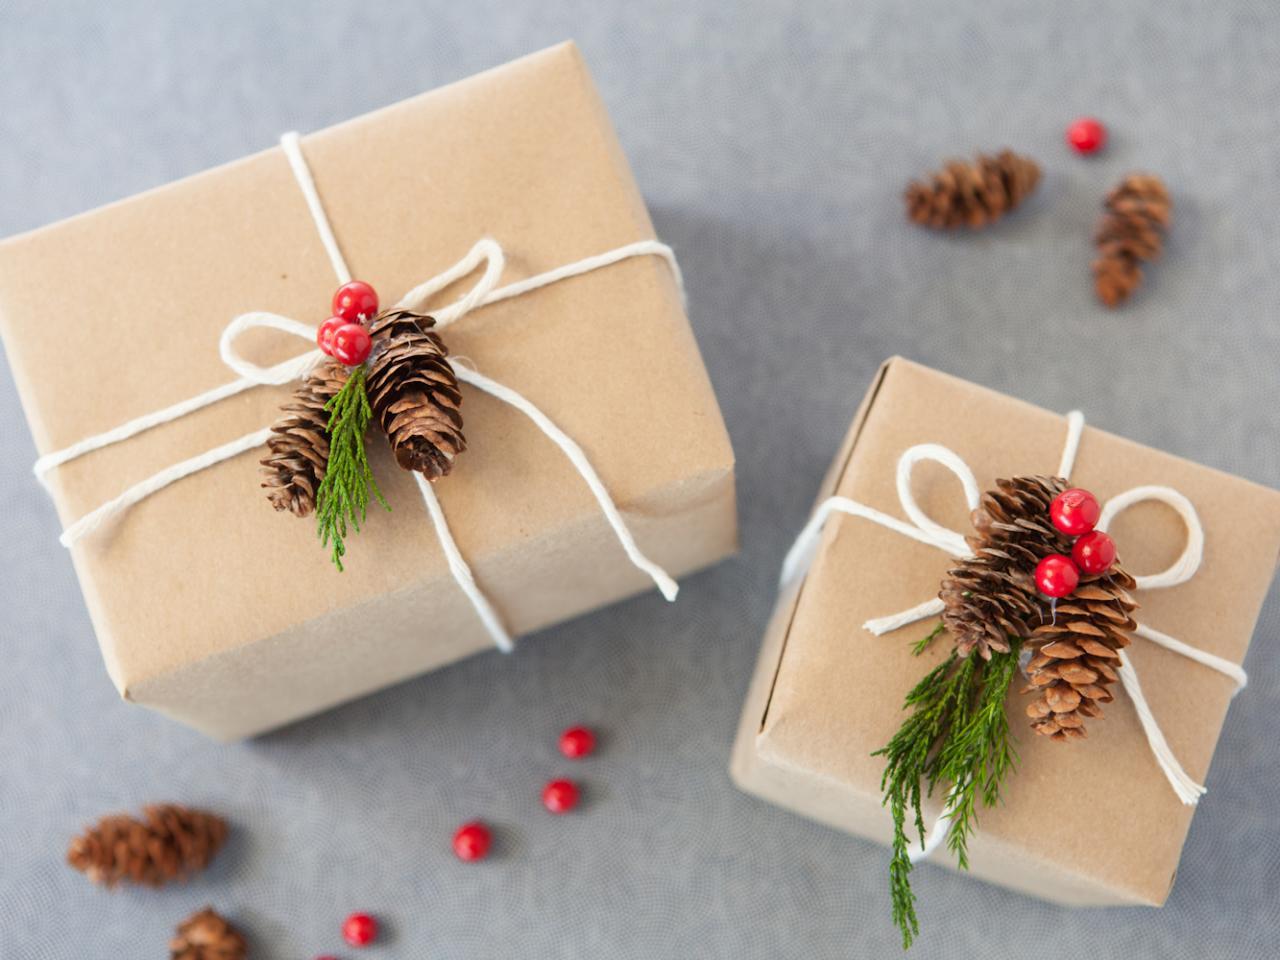 Подарки своими руками Мастер-классы и идеи. Оригинальные подарки, упаковка 89